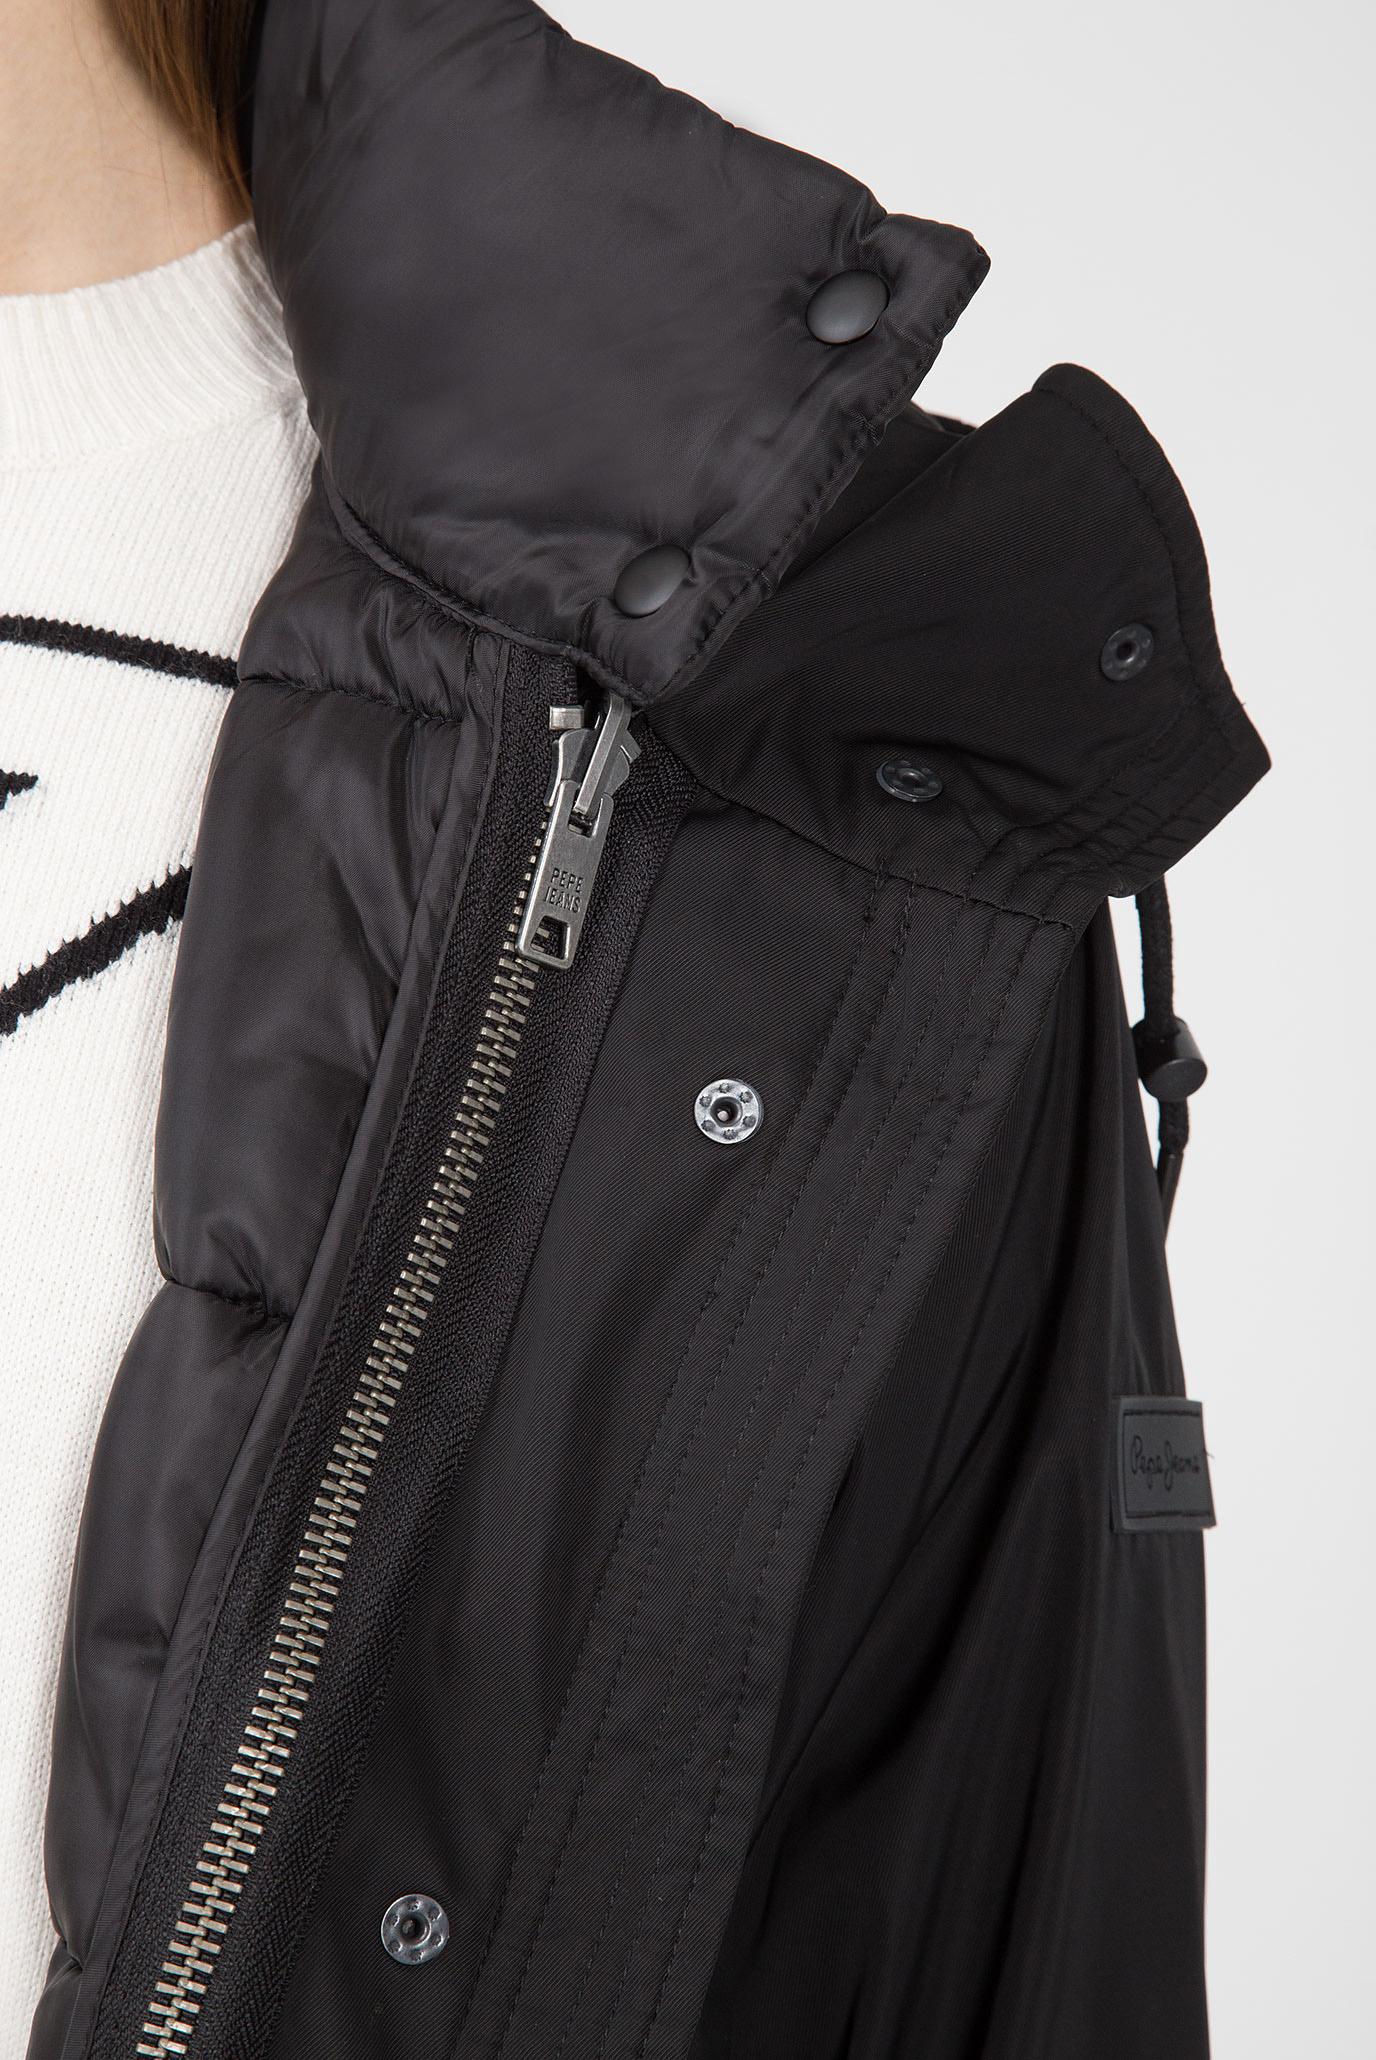 Купить Женская черная парка DAKOTA 2 в 1 Pepe Jeans Pepe Jeans PL401526 – Киев, Украина. Цены в интернет магазине MD Fashion